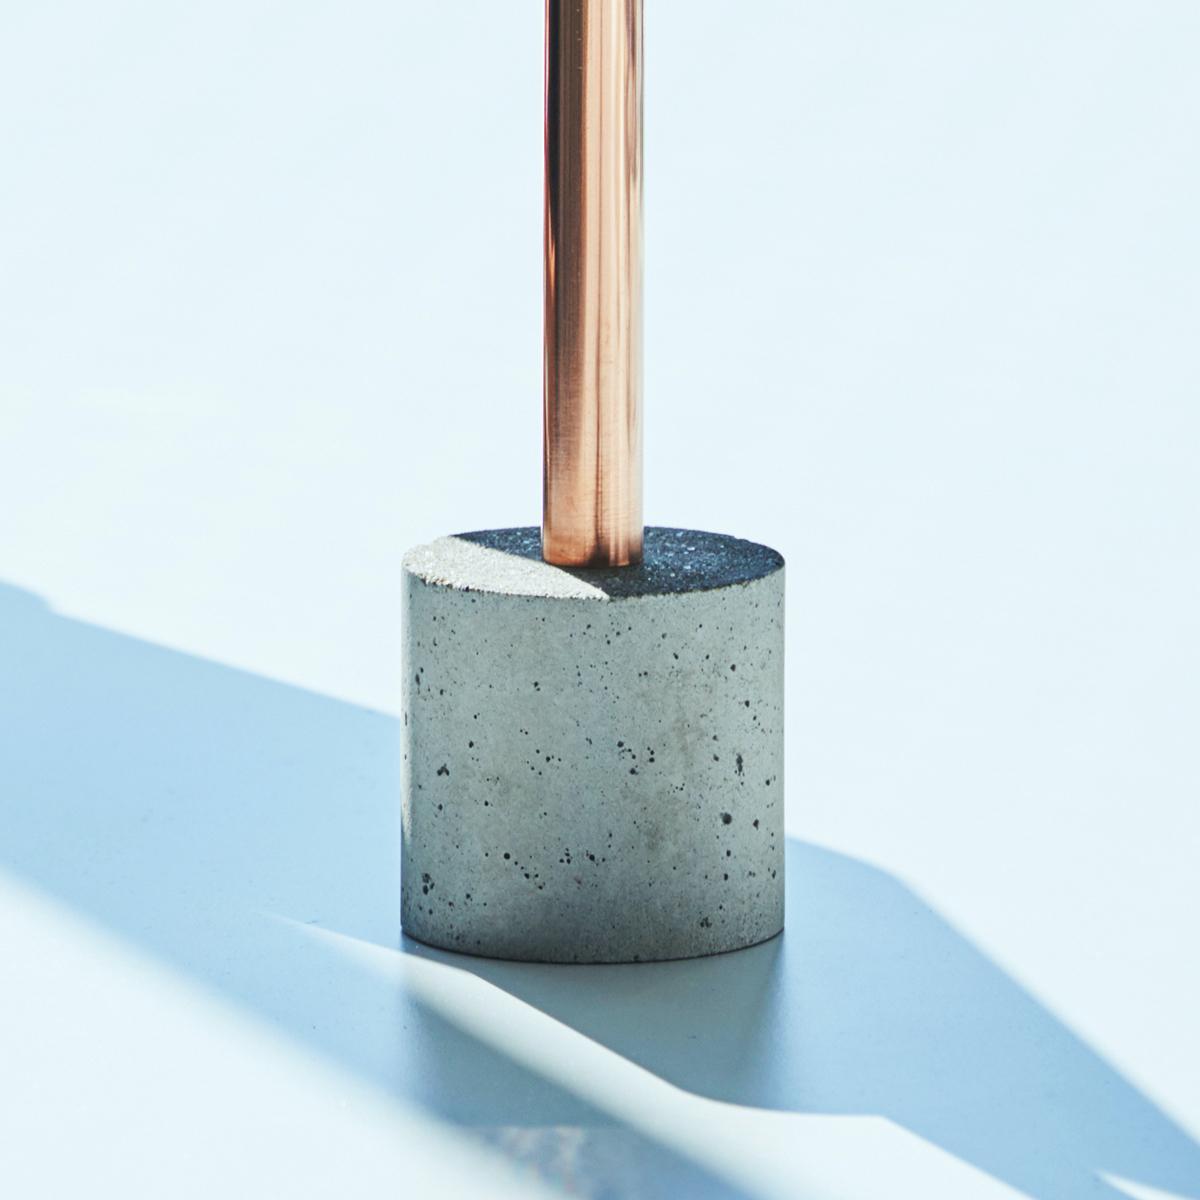 しなやかな動きが特徴のポピーや、流行りのワイルドフラワーなどの大輪系も、しっかりとしたモルタル製の土台が好バランスを支えます。無造作に挿すだけで「絵」になる、銅管の一輪挿し・花瓶・フラワーベース|BULBOUS